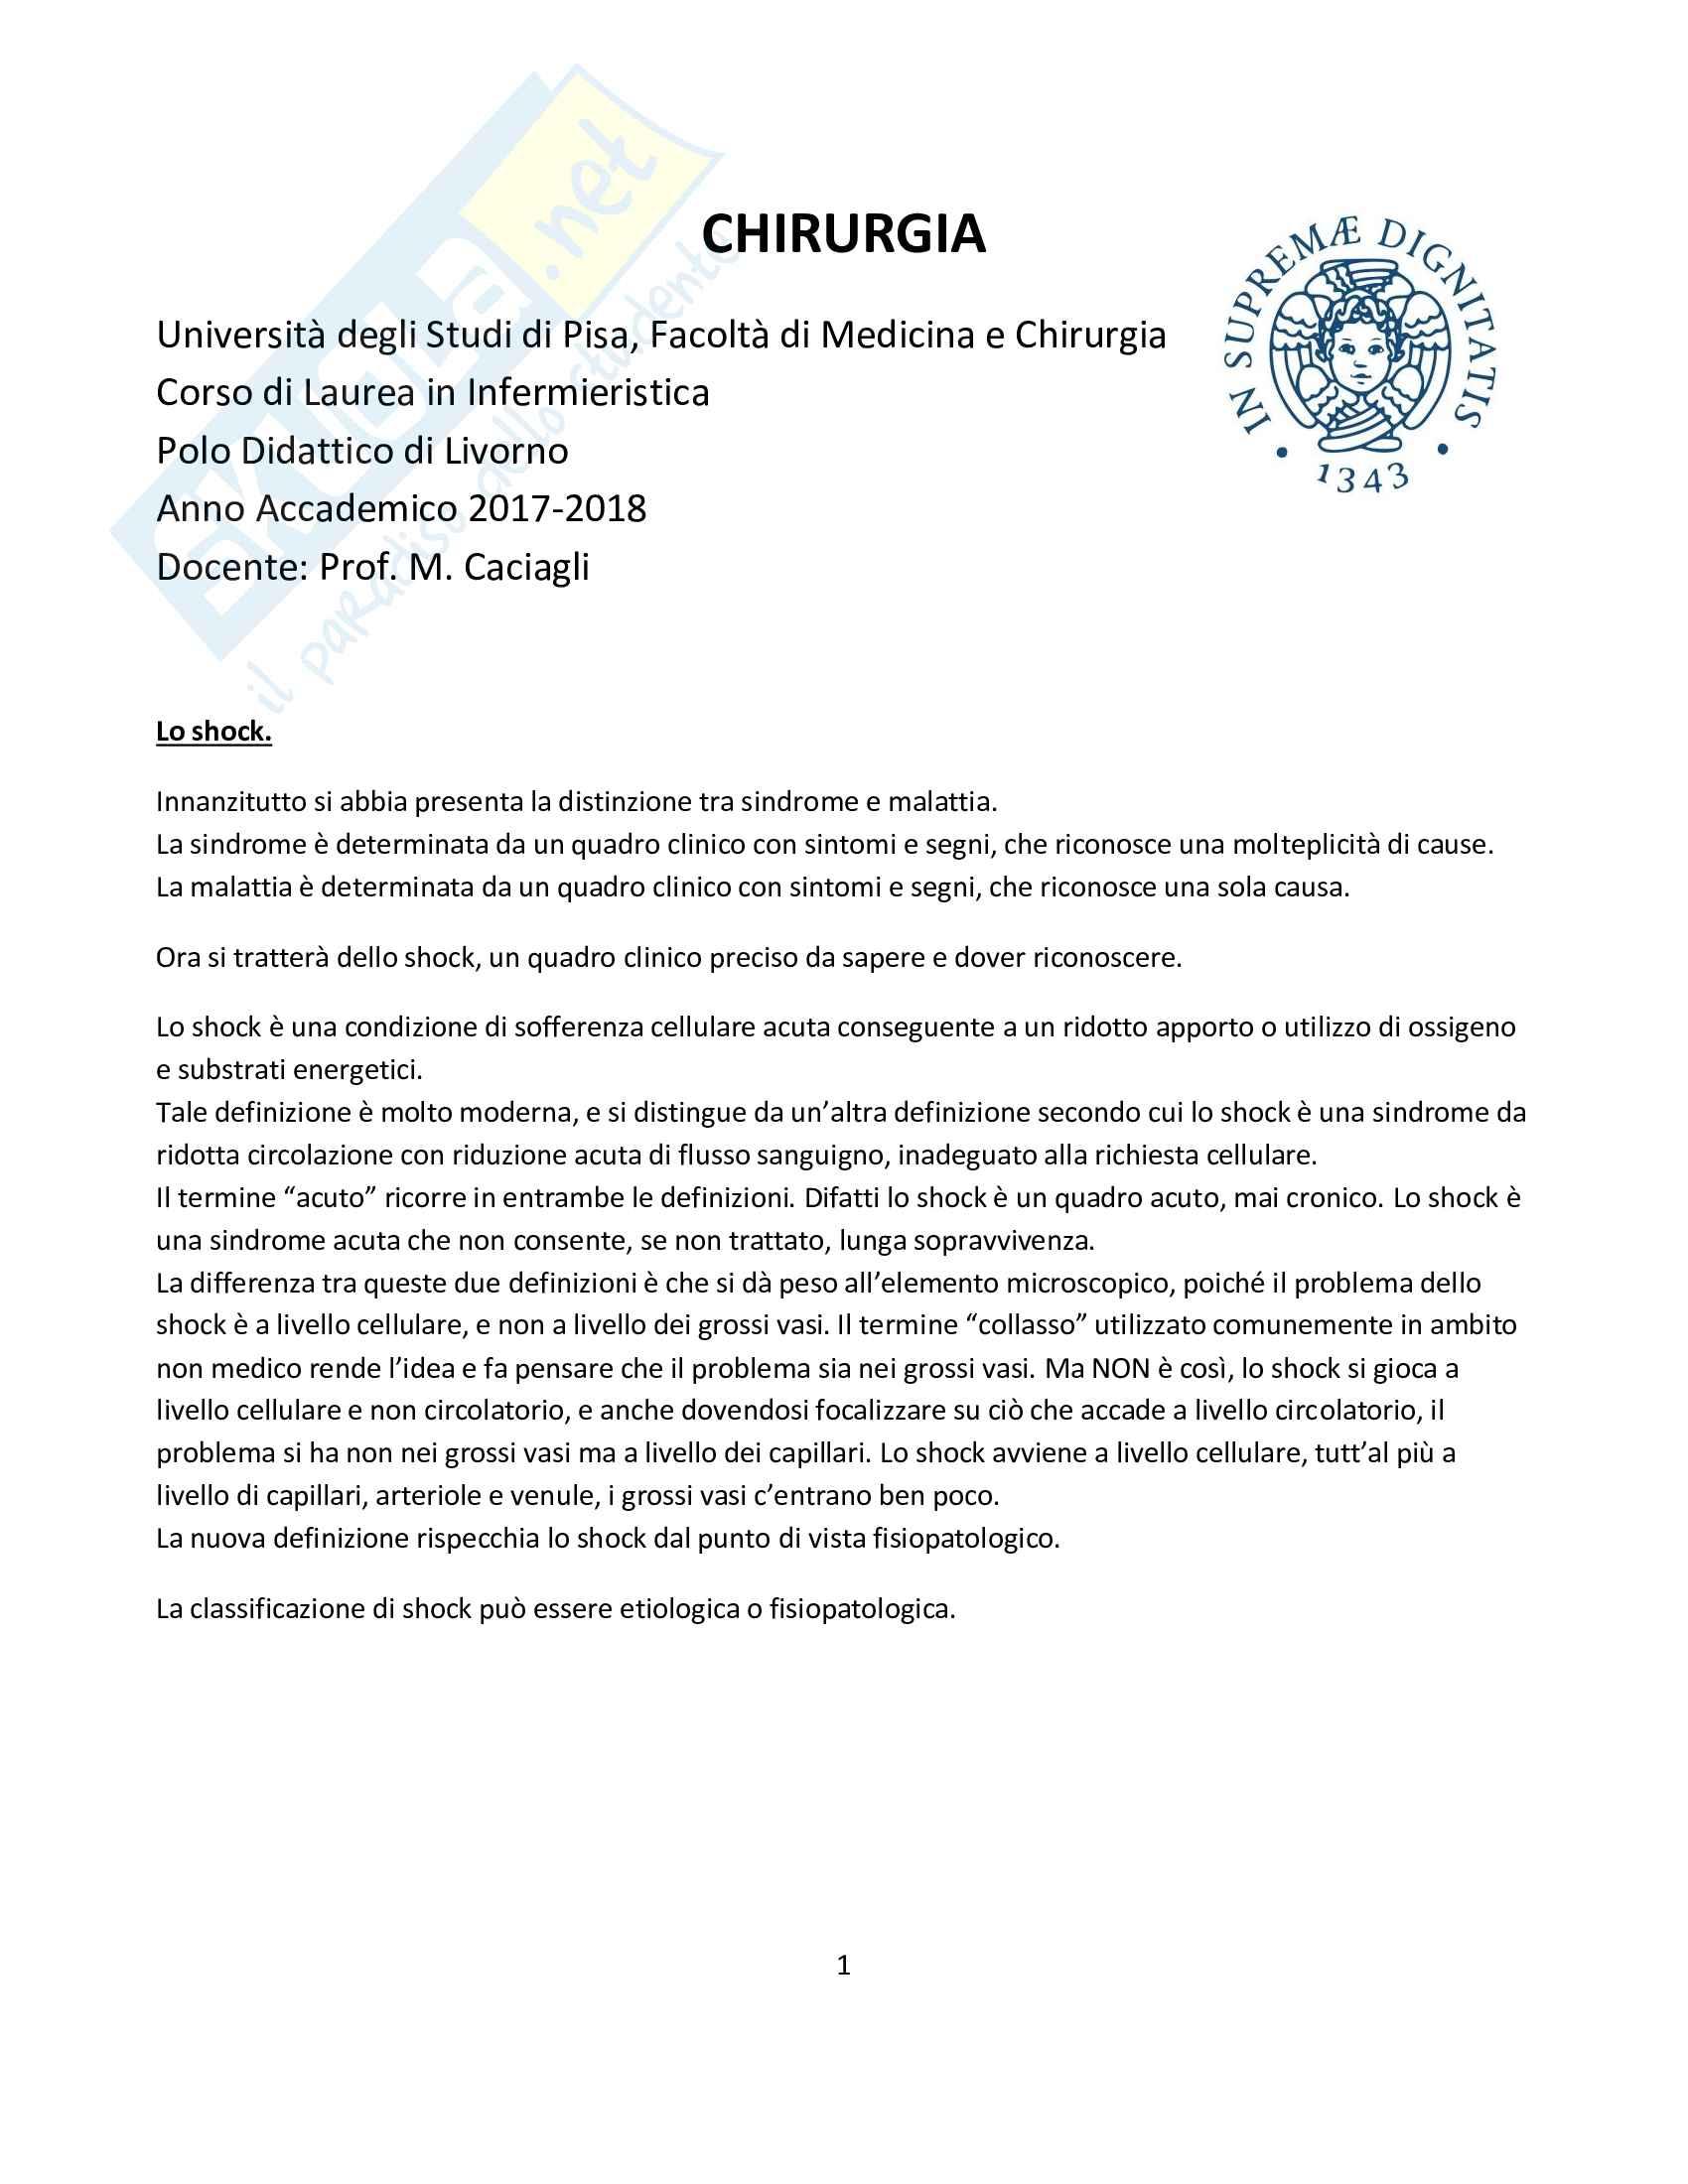 Appunti di chirurgia, discipline chirurgico-infermieristiche - per infermieristica